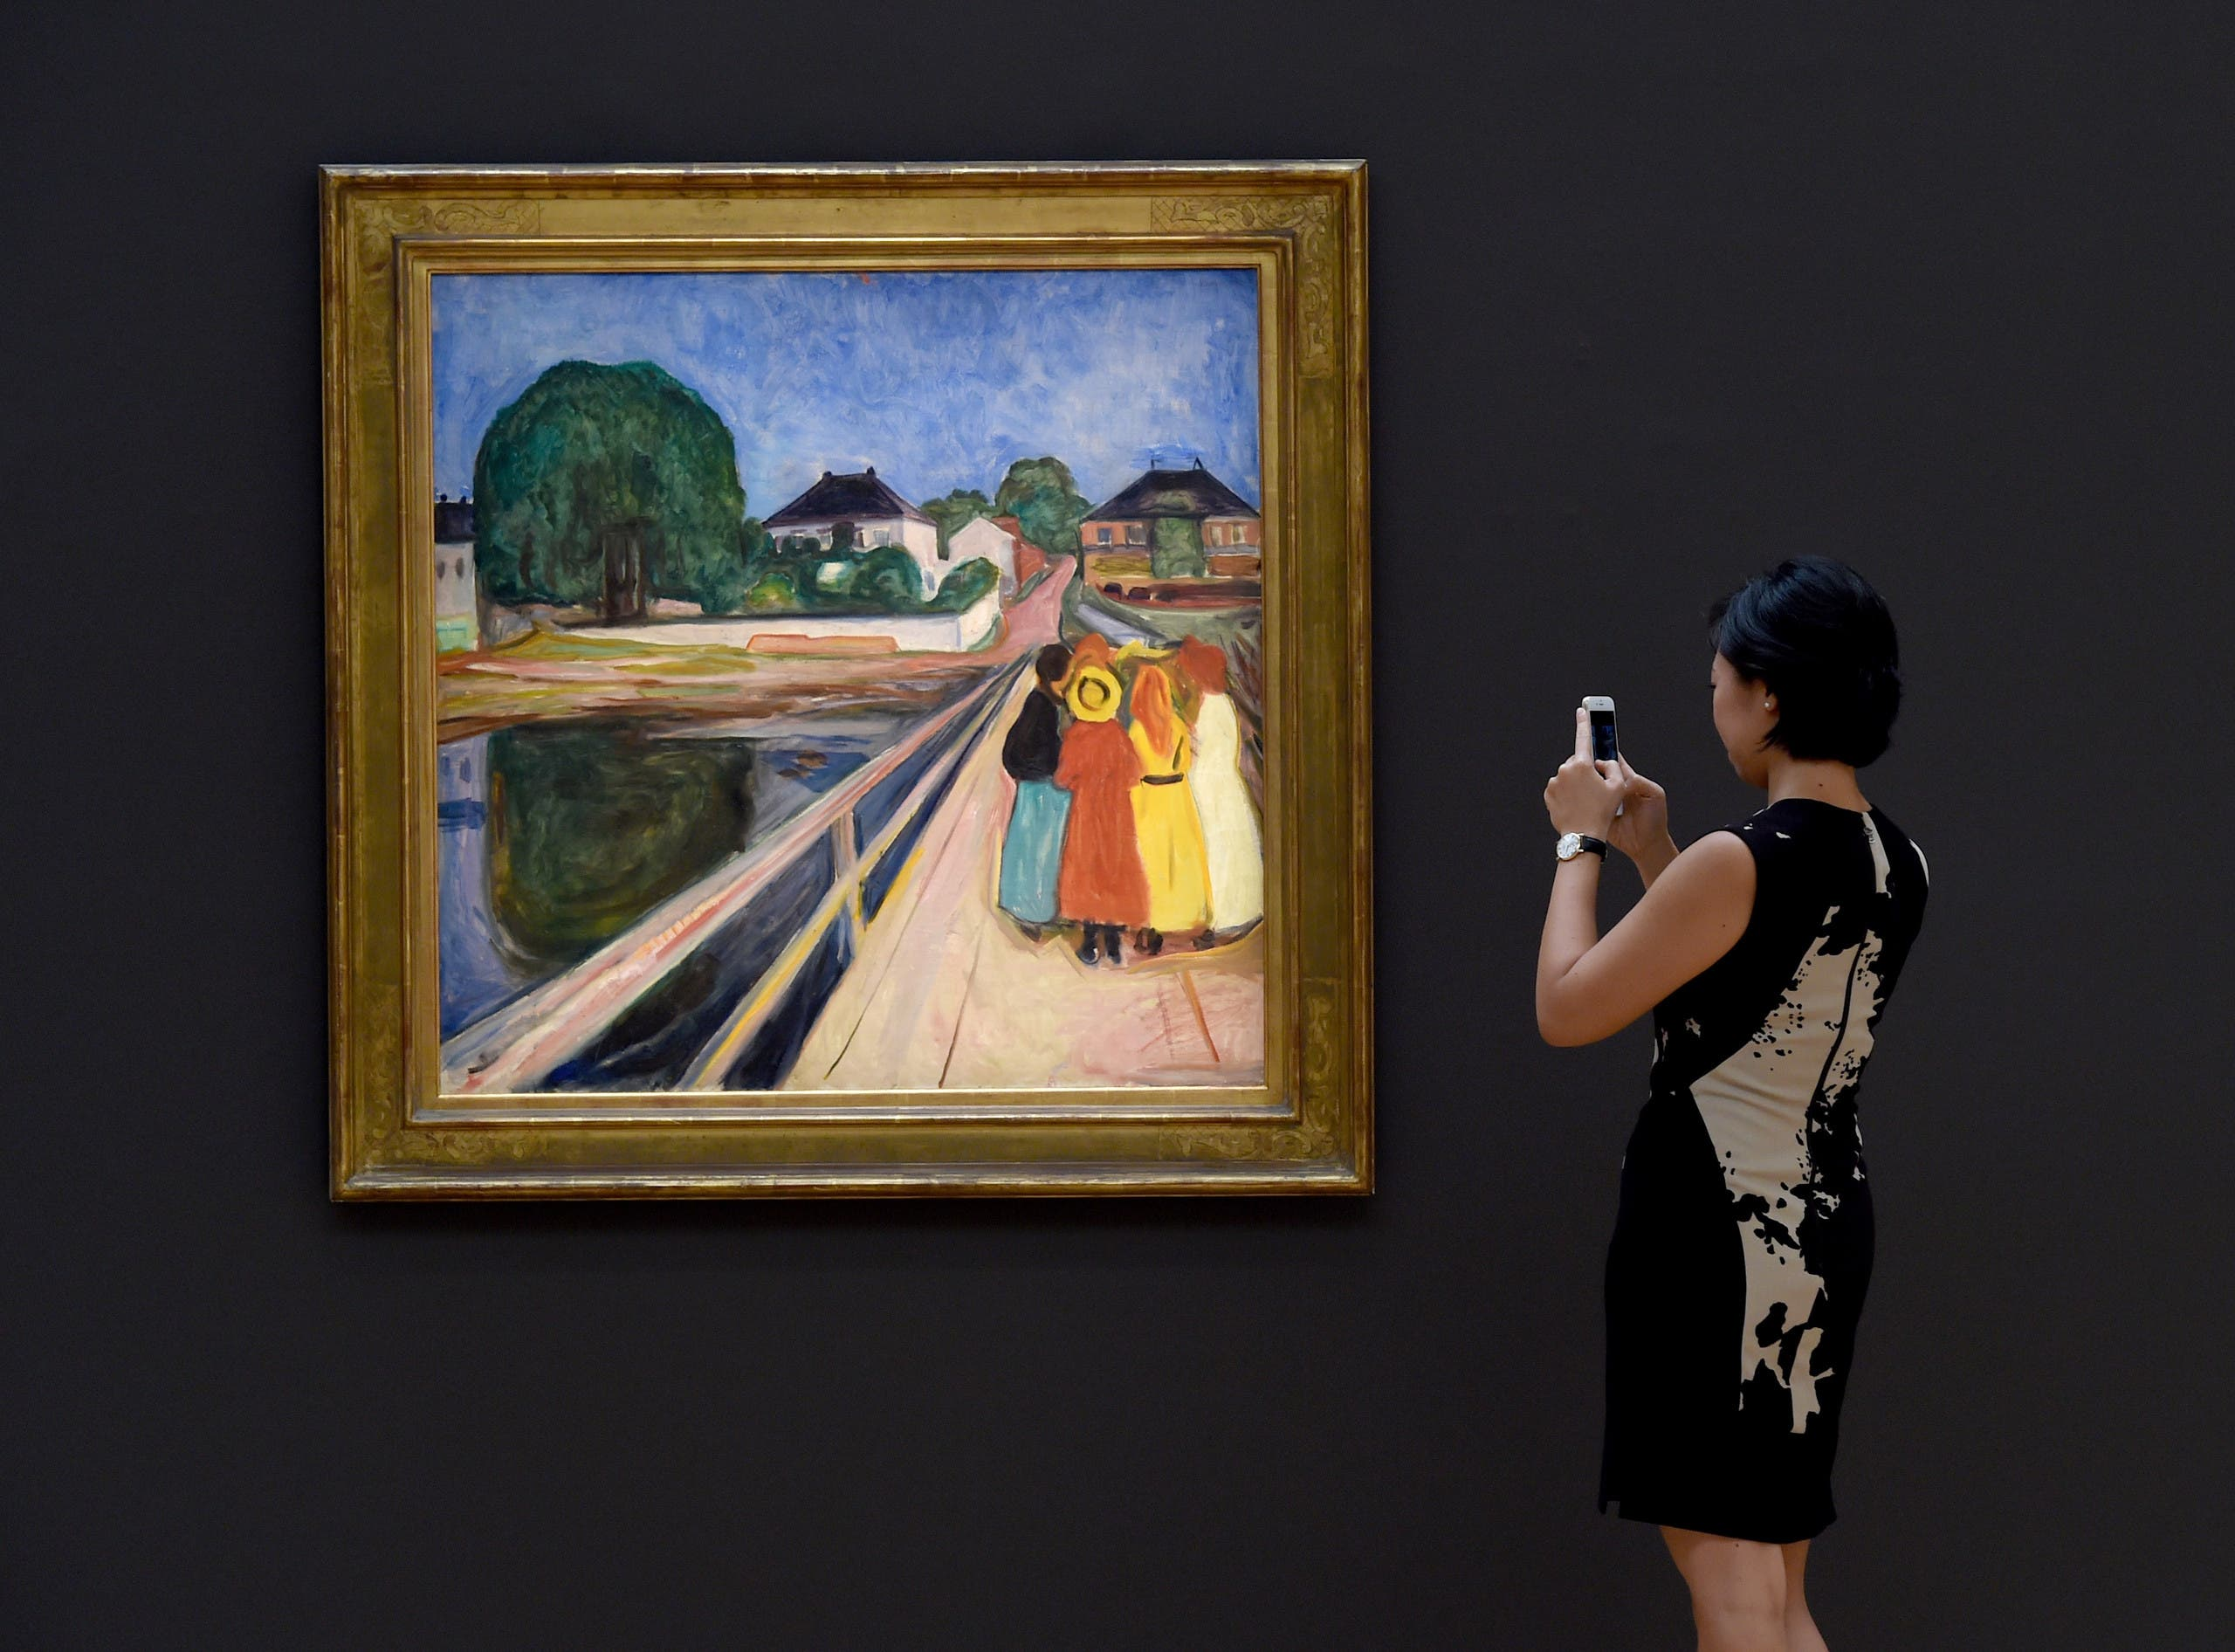 الفتيات على الجسر لـ إدفارت مونك خلال معرض في نيويورك